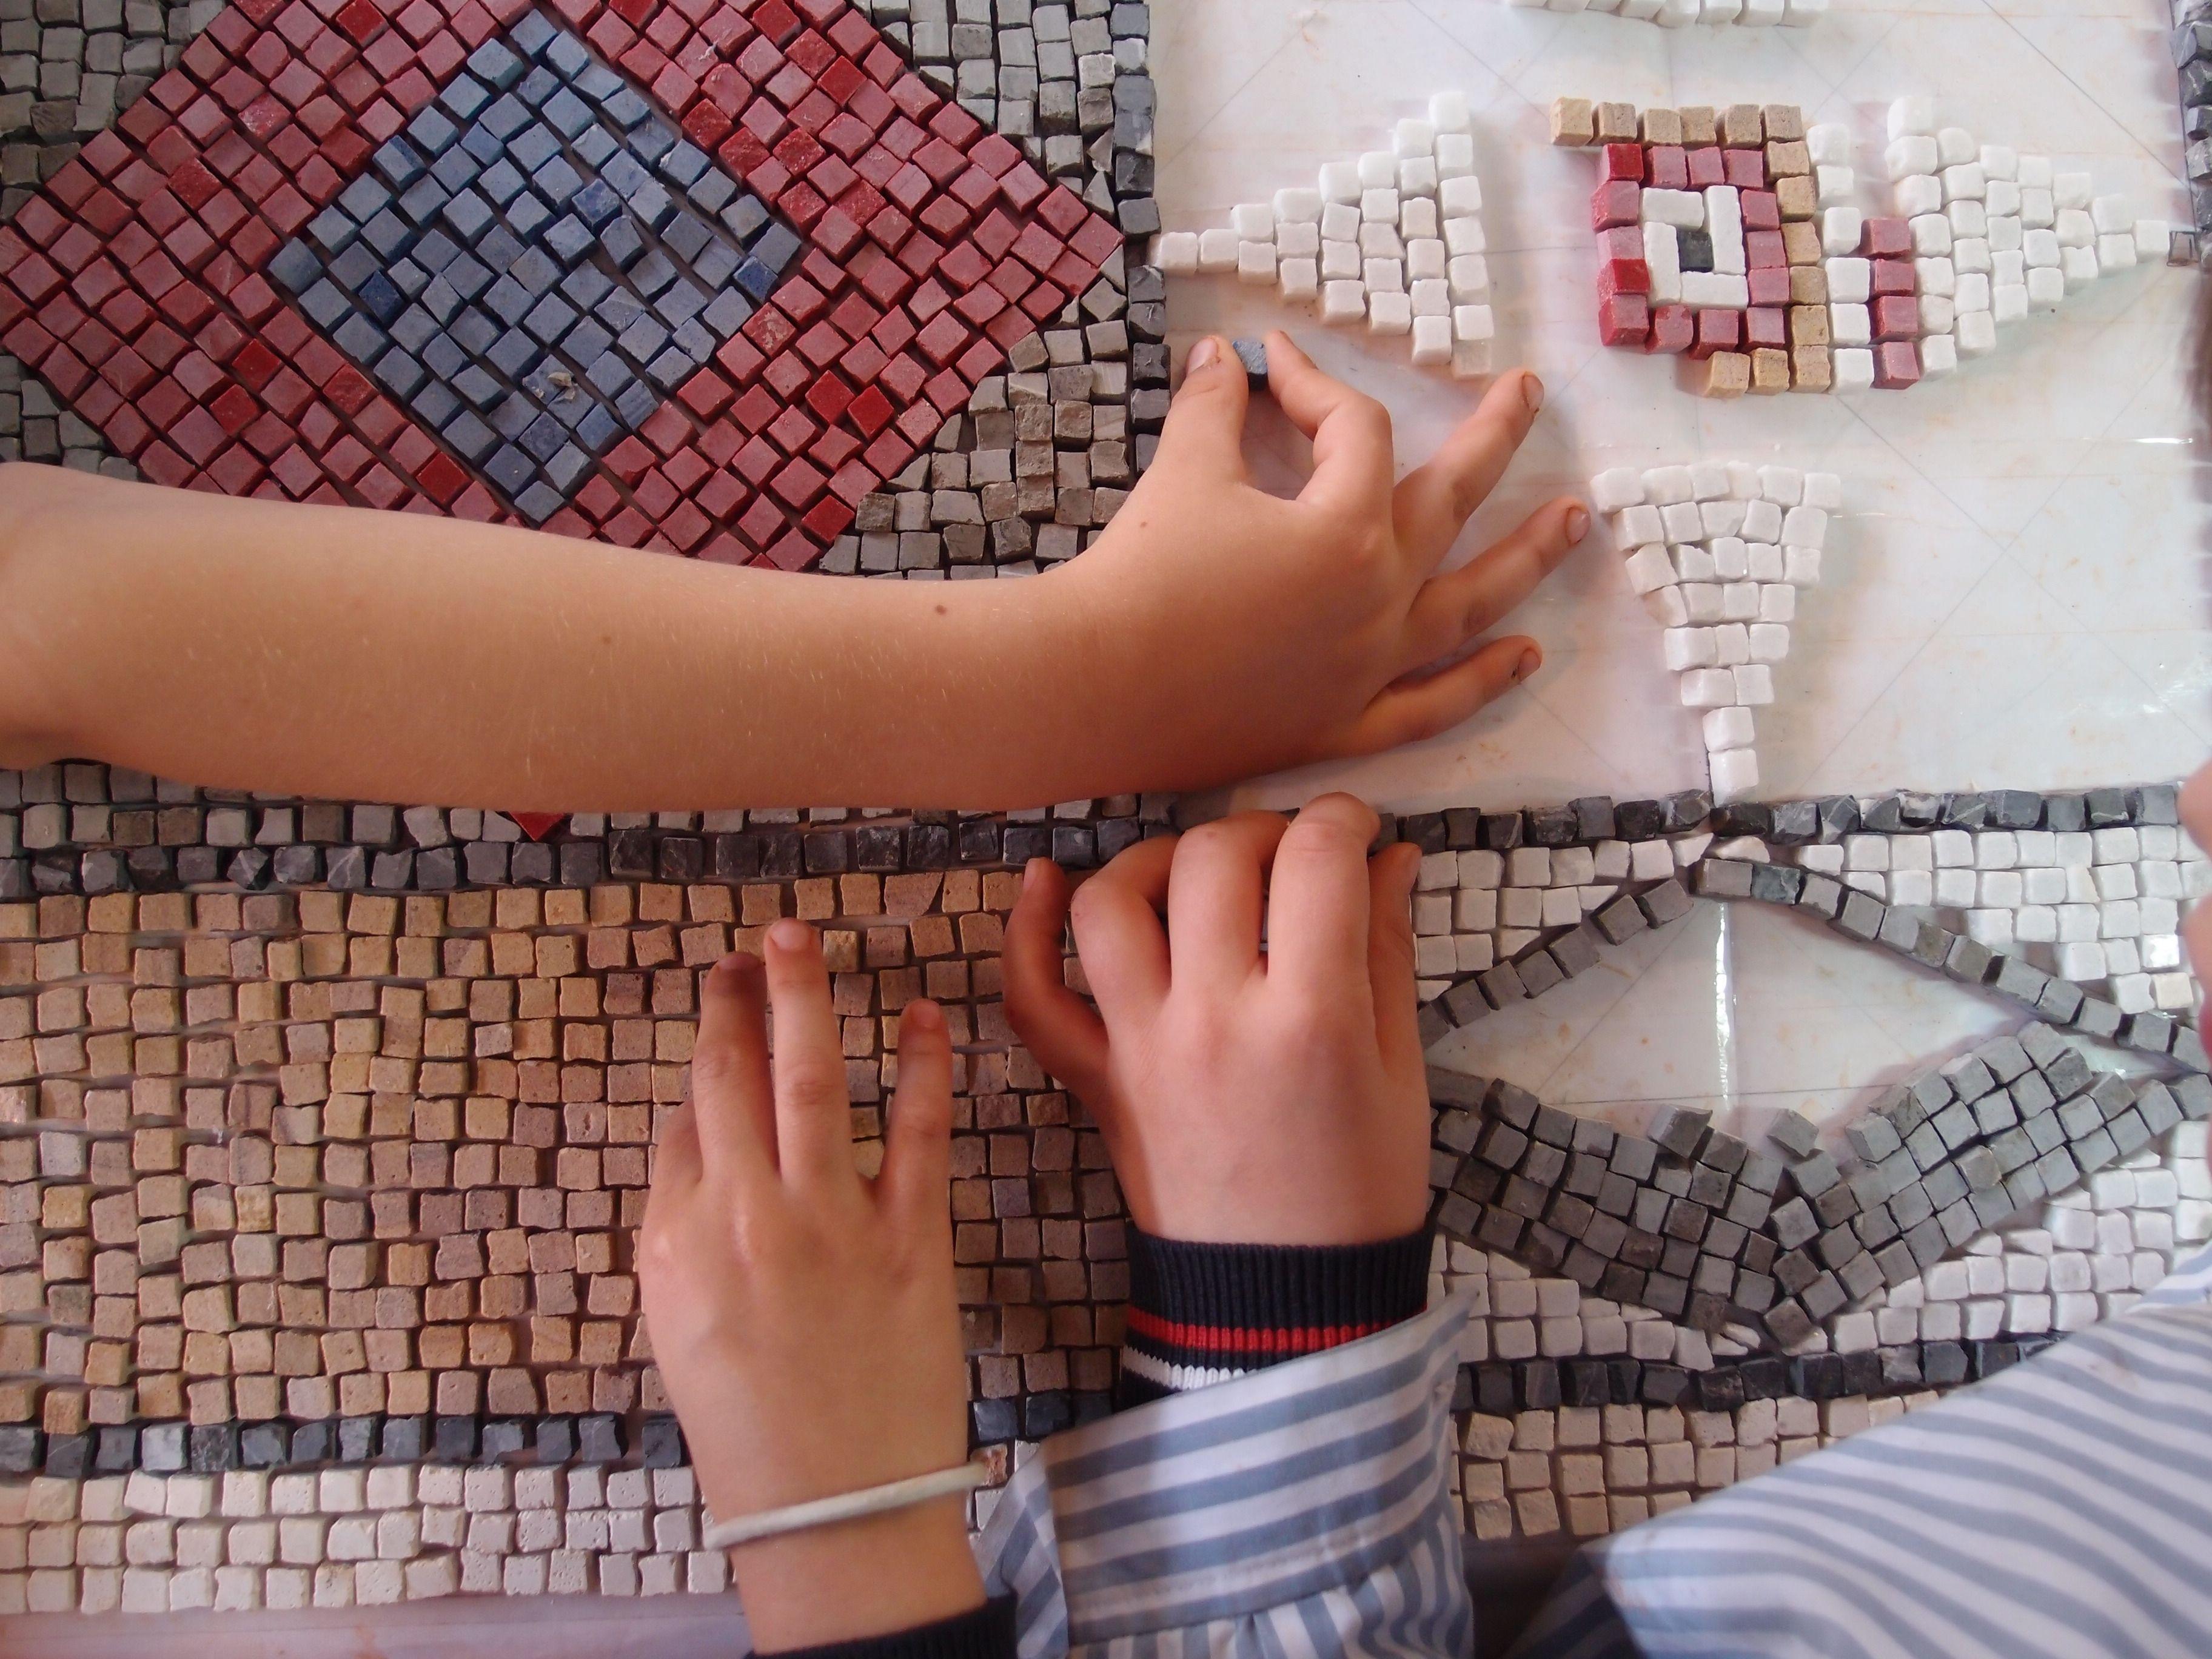 Mosaico romano de teselas artesanales de piedras de colores e p todos los cursos y 1 de e s o - Mosaico de colores ...